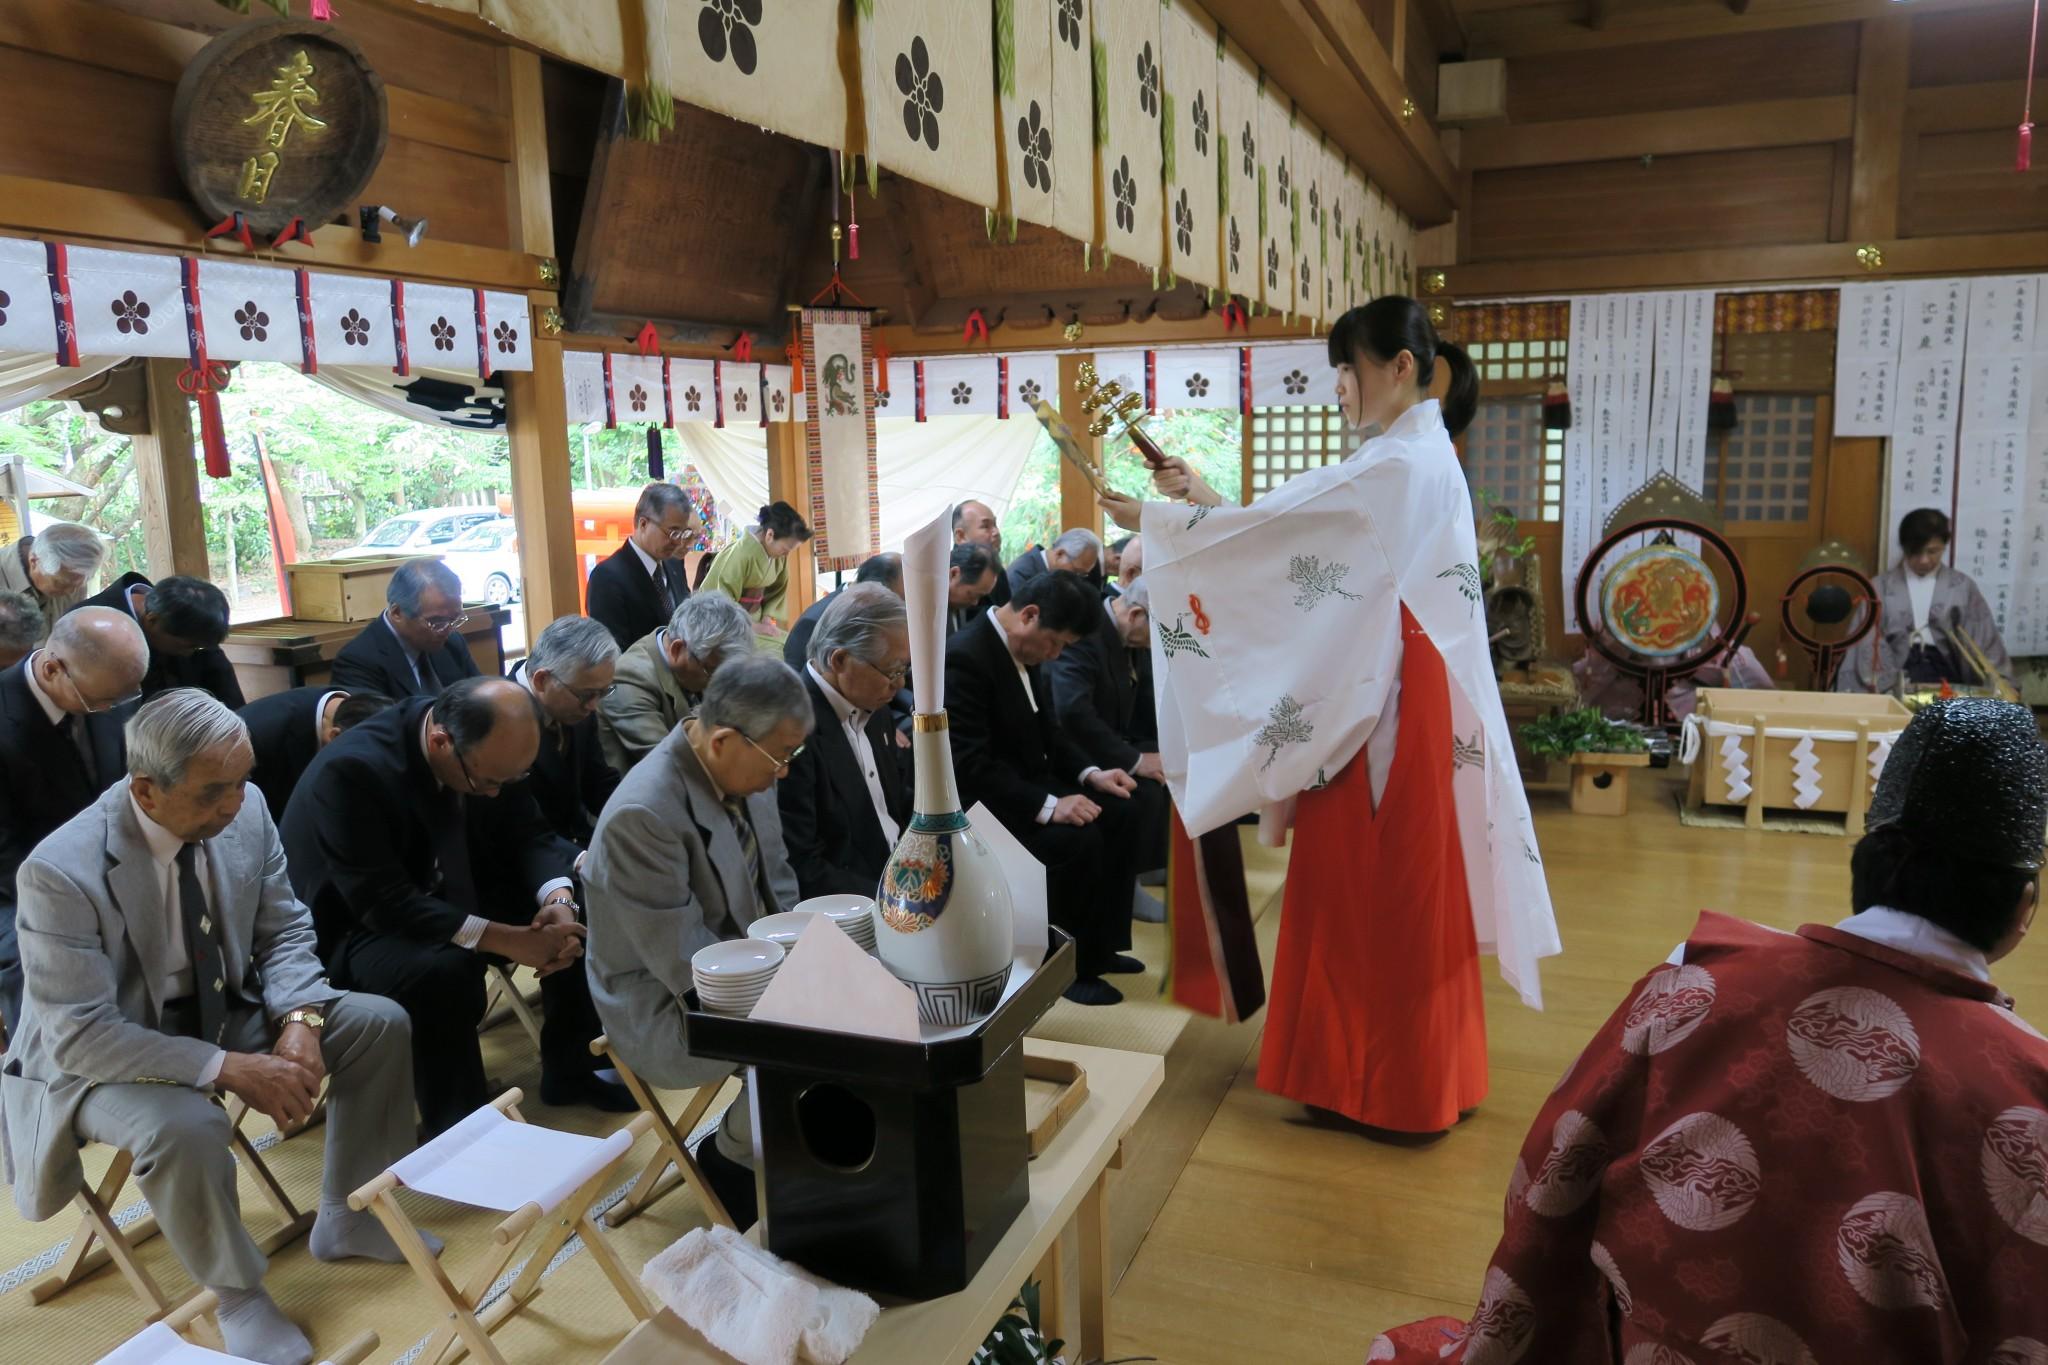 平成28年 春祭り 例祭 巫女鈴清祓